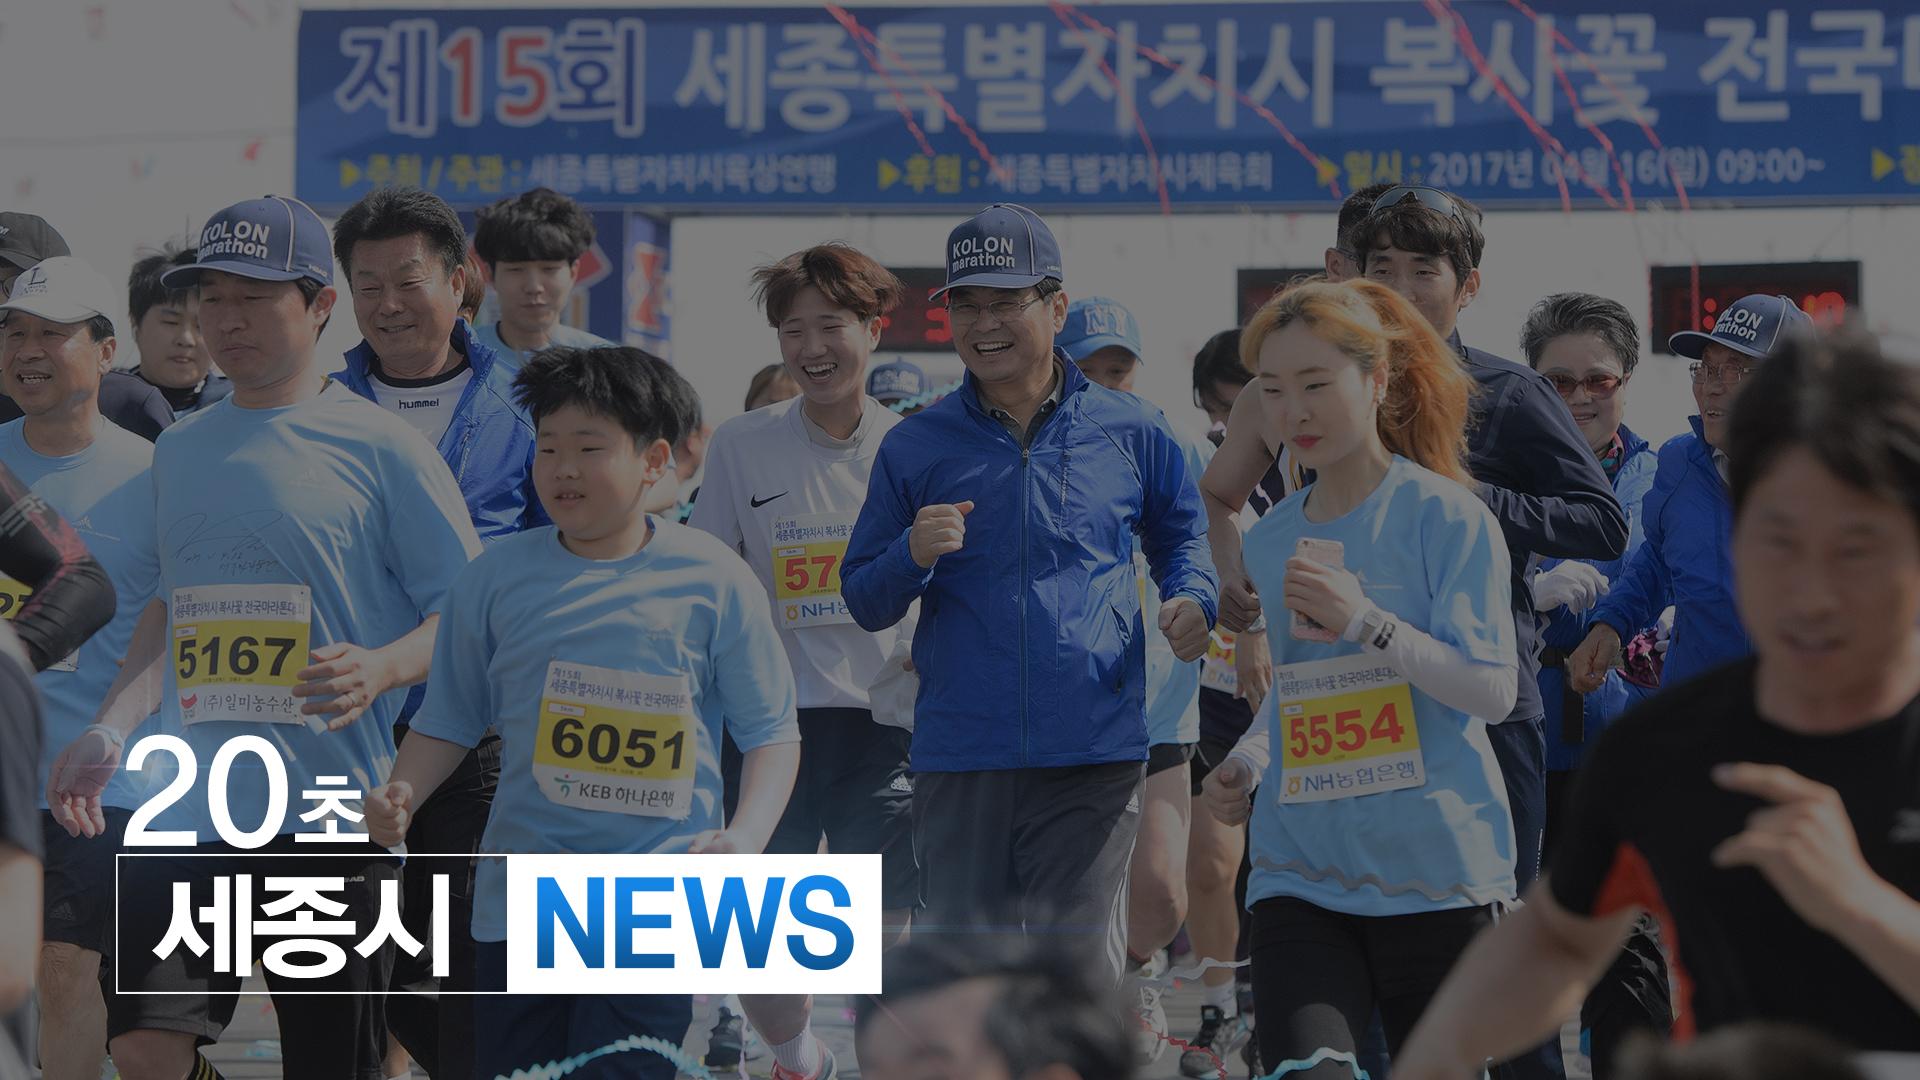 <20초뉴스> 제15회 세종시 복사꽃 전국 마라톤대회가 개최